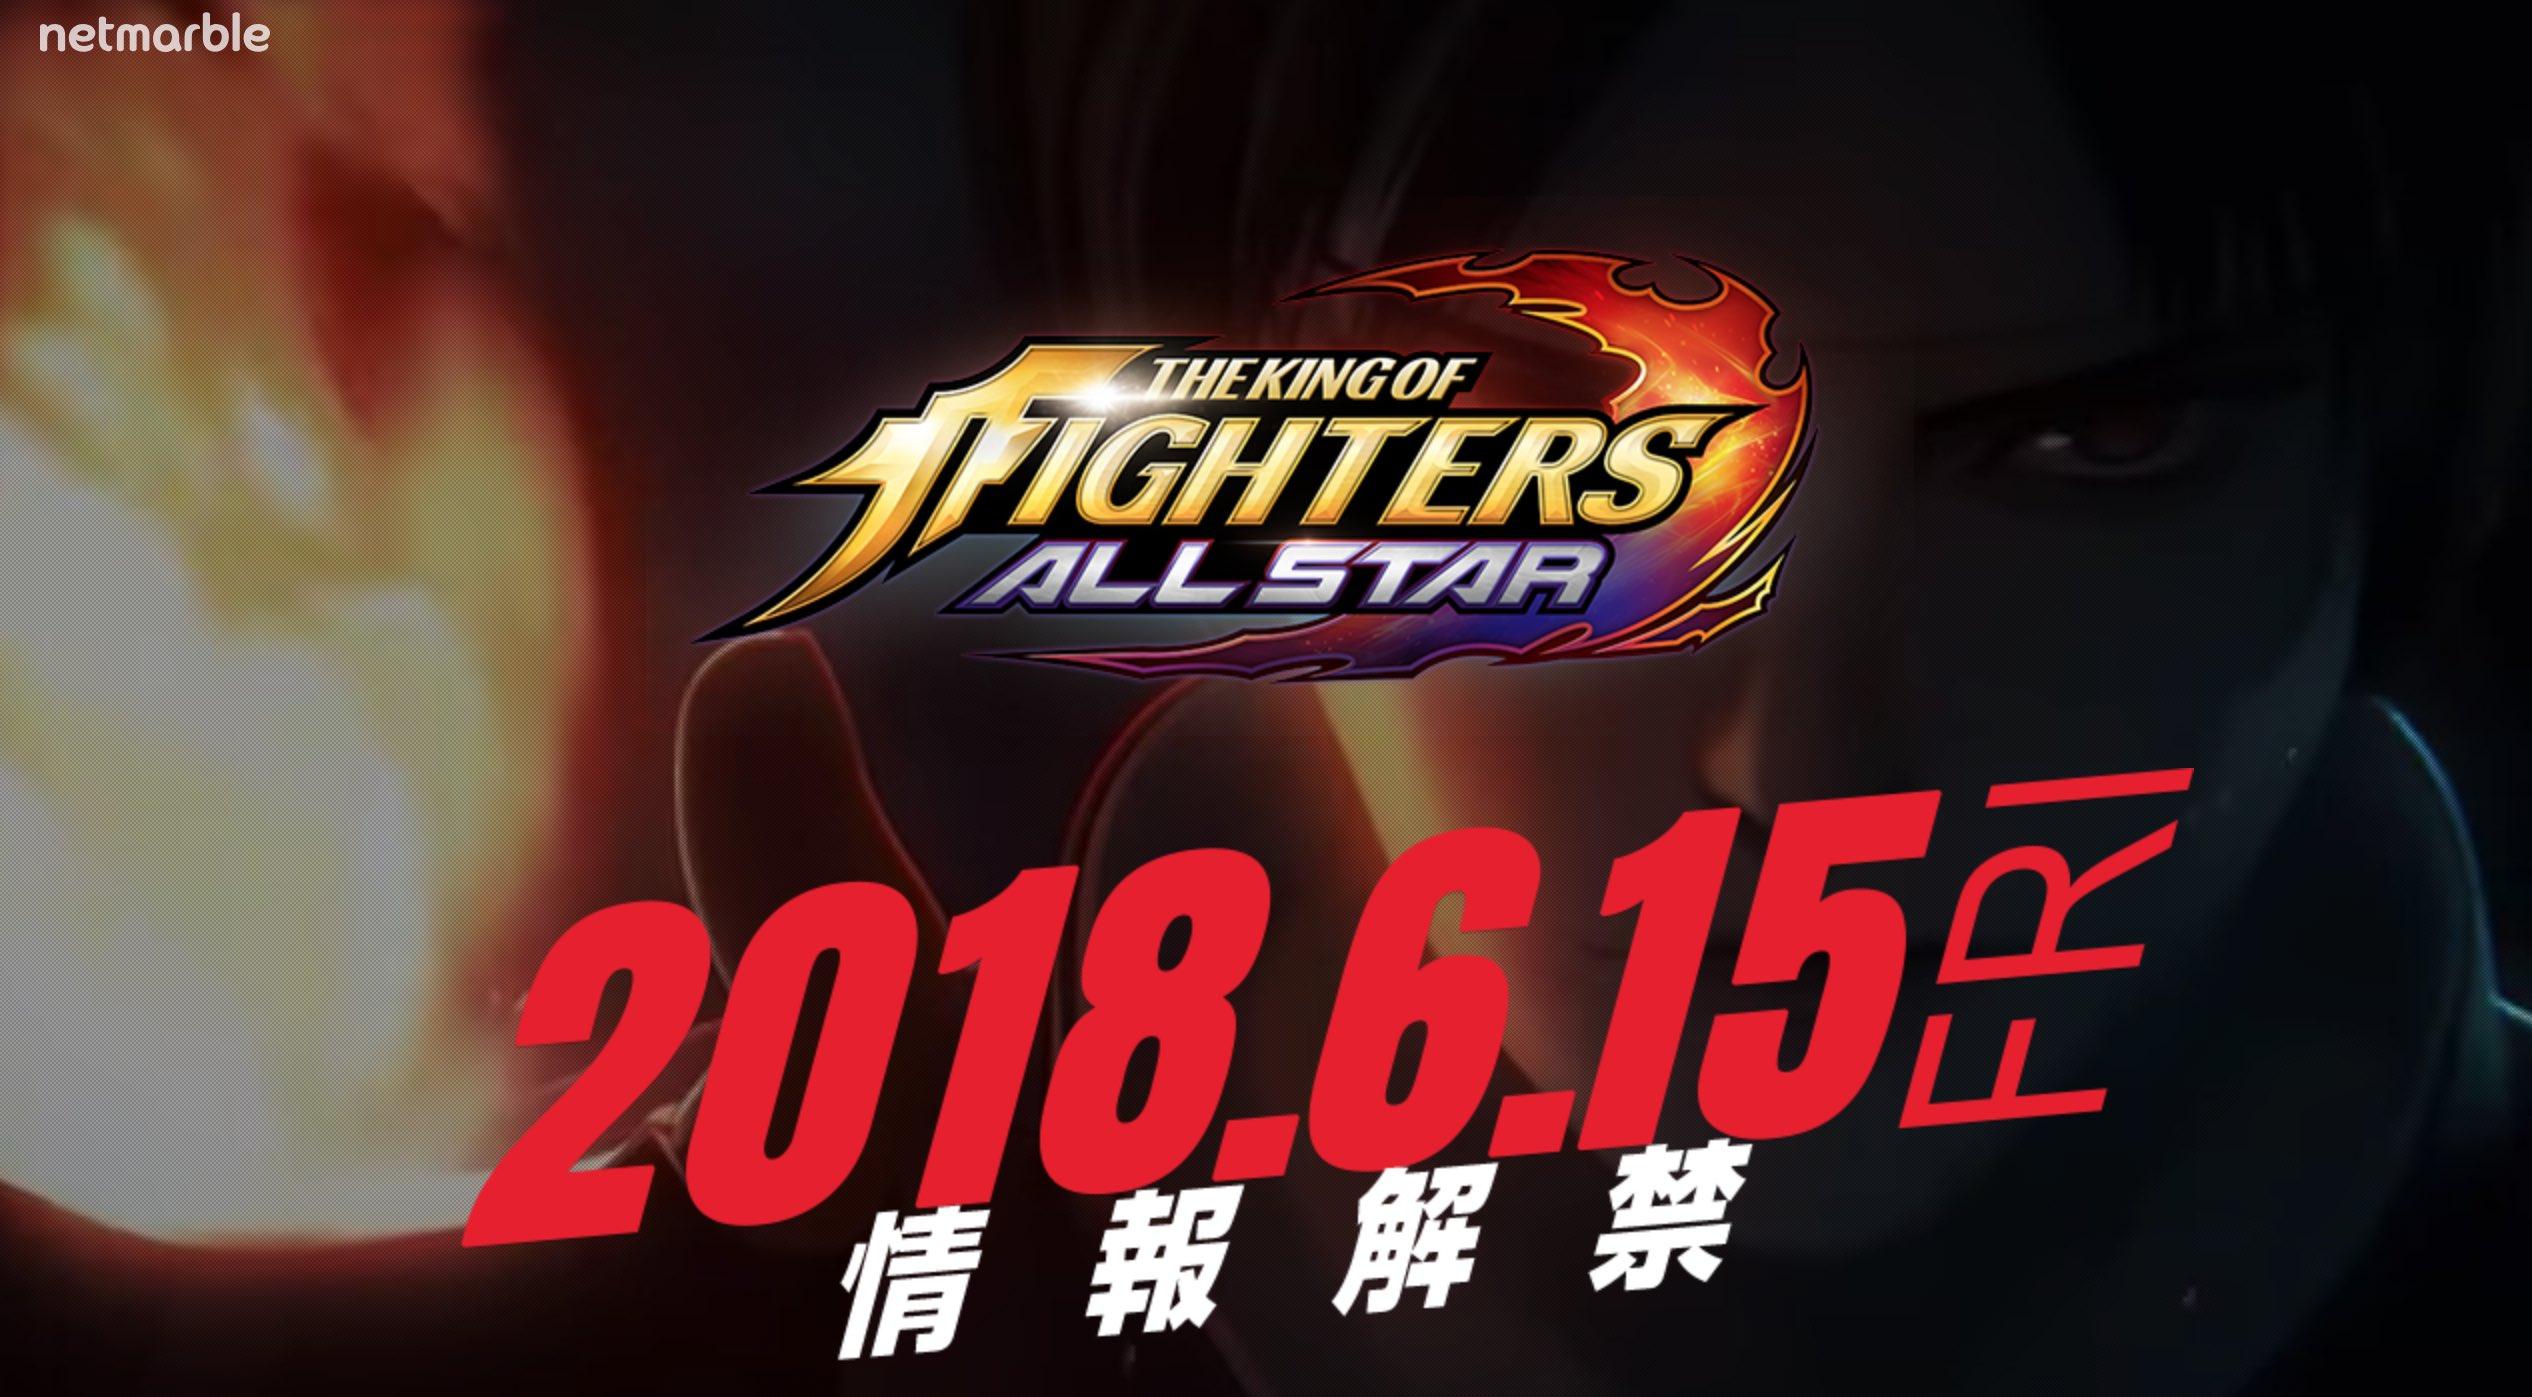 《拳皇 All Star》企划正式全面启动,确定6月15日情报解禁 1